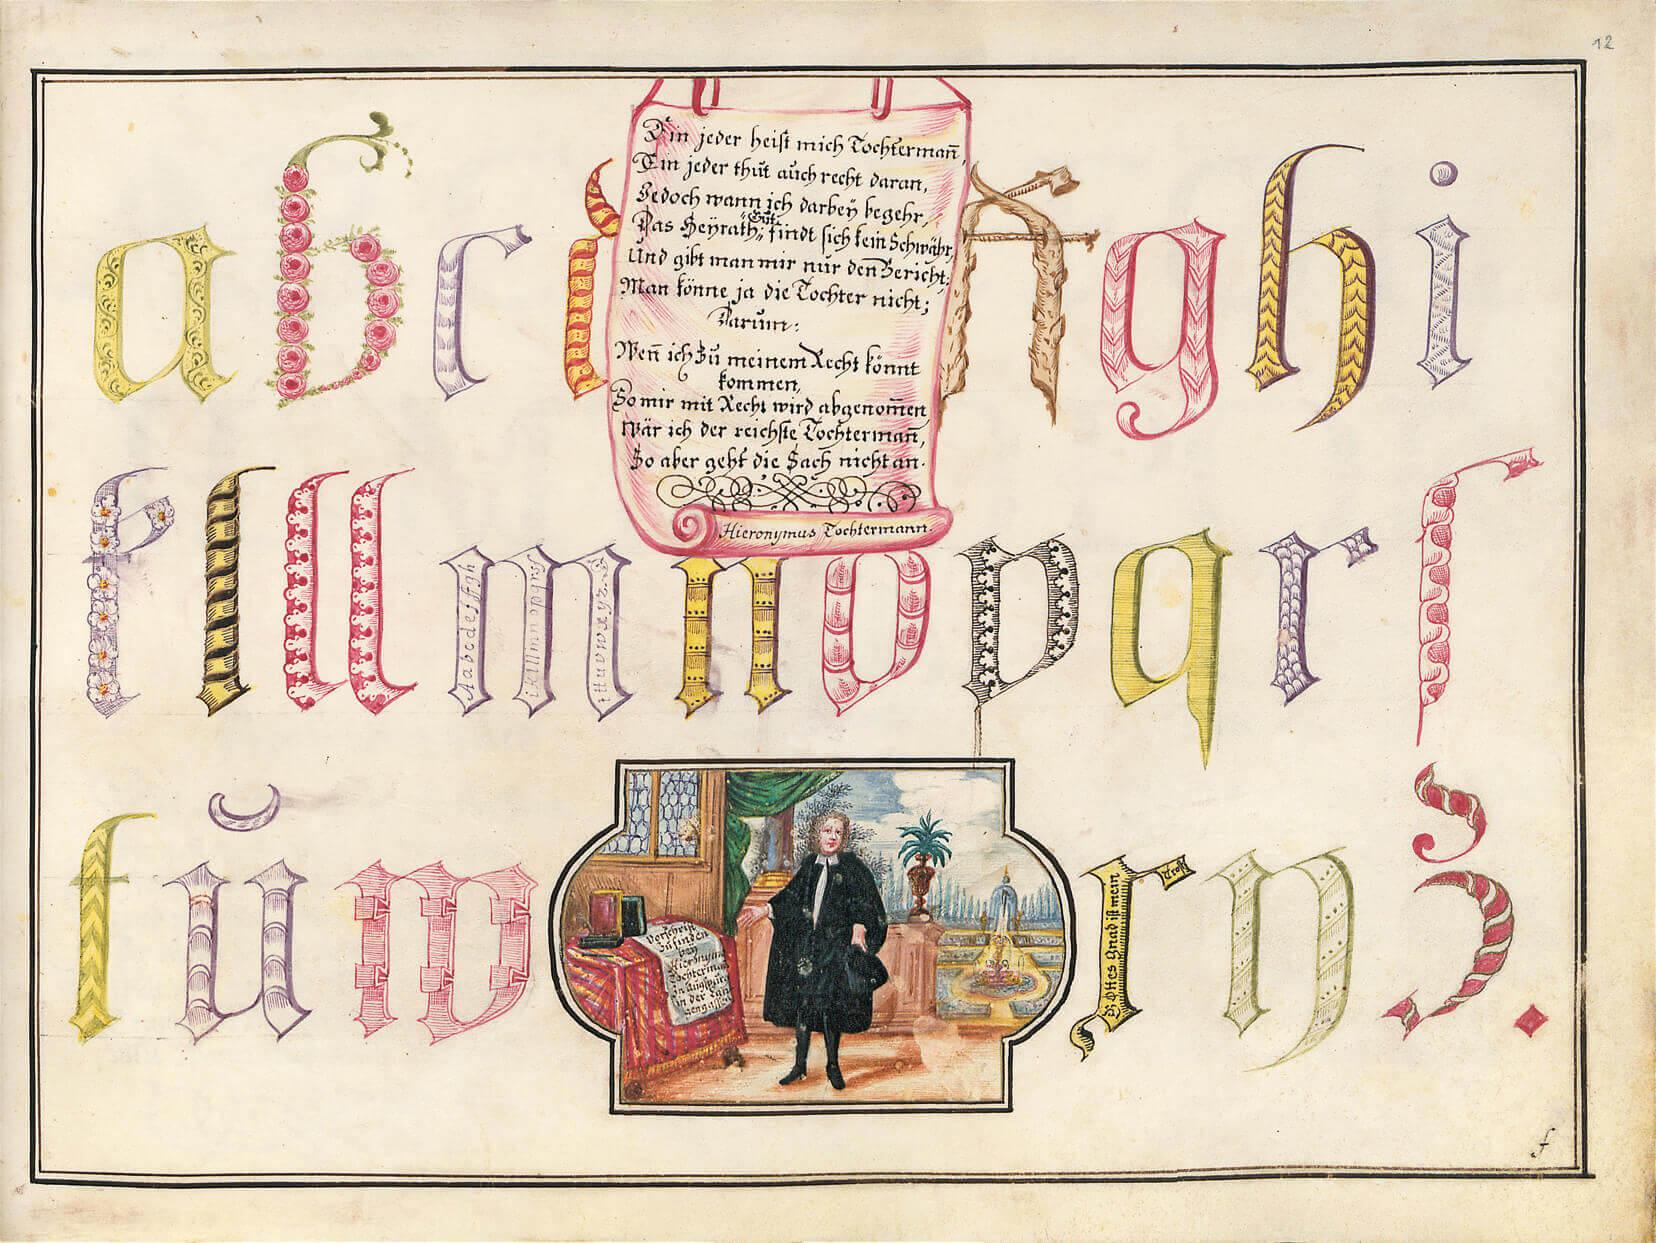 Schreibmeisterbuch des Hieronymus Tochtermann, p. 23 (fol. 12r)